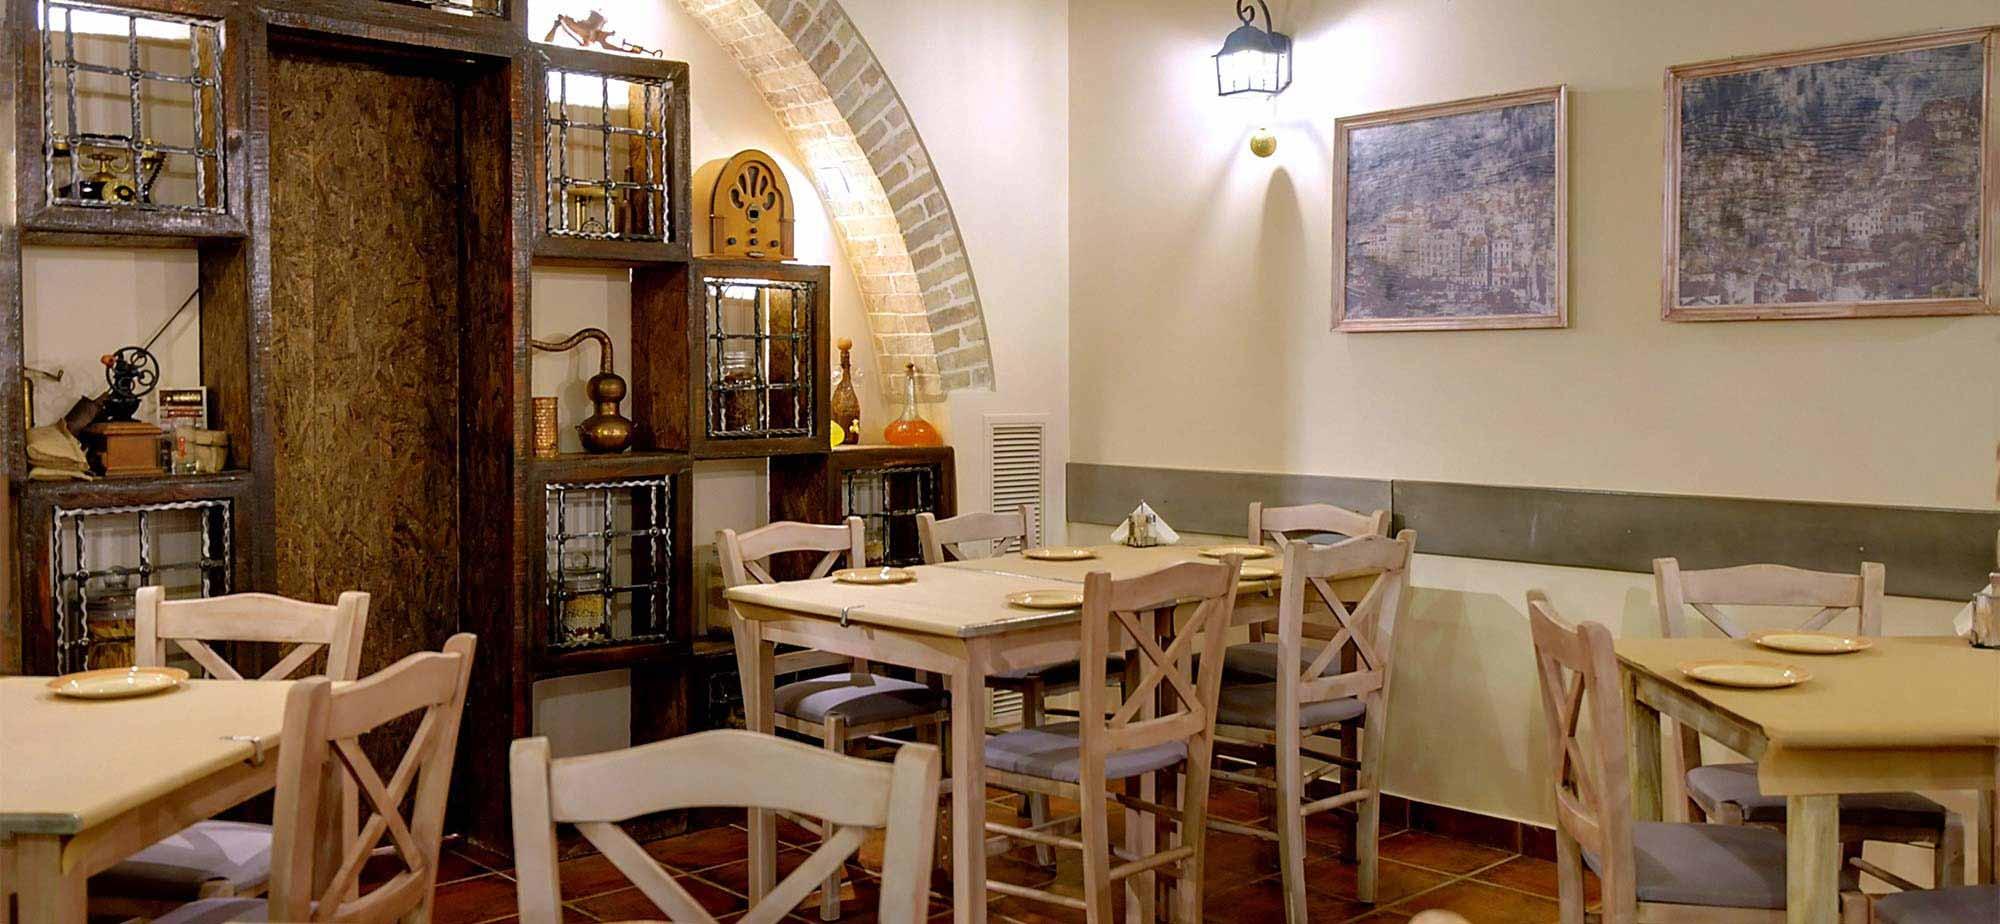 15-avli-restaurant-corfu-2000x924